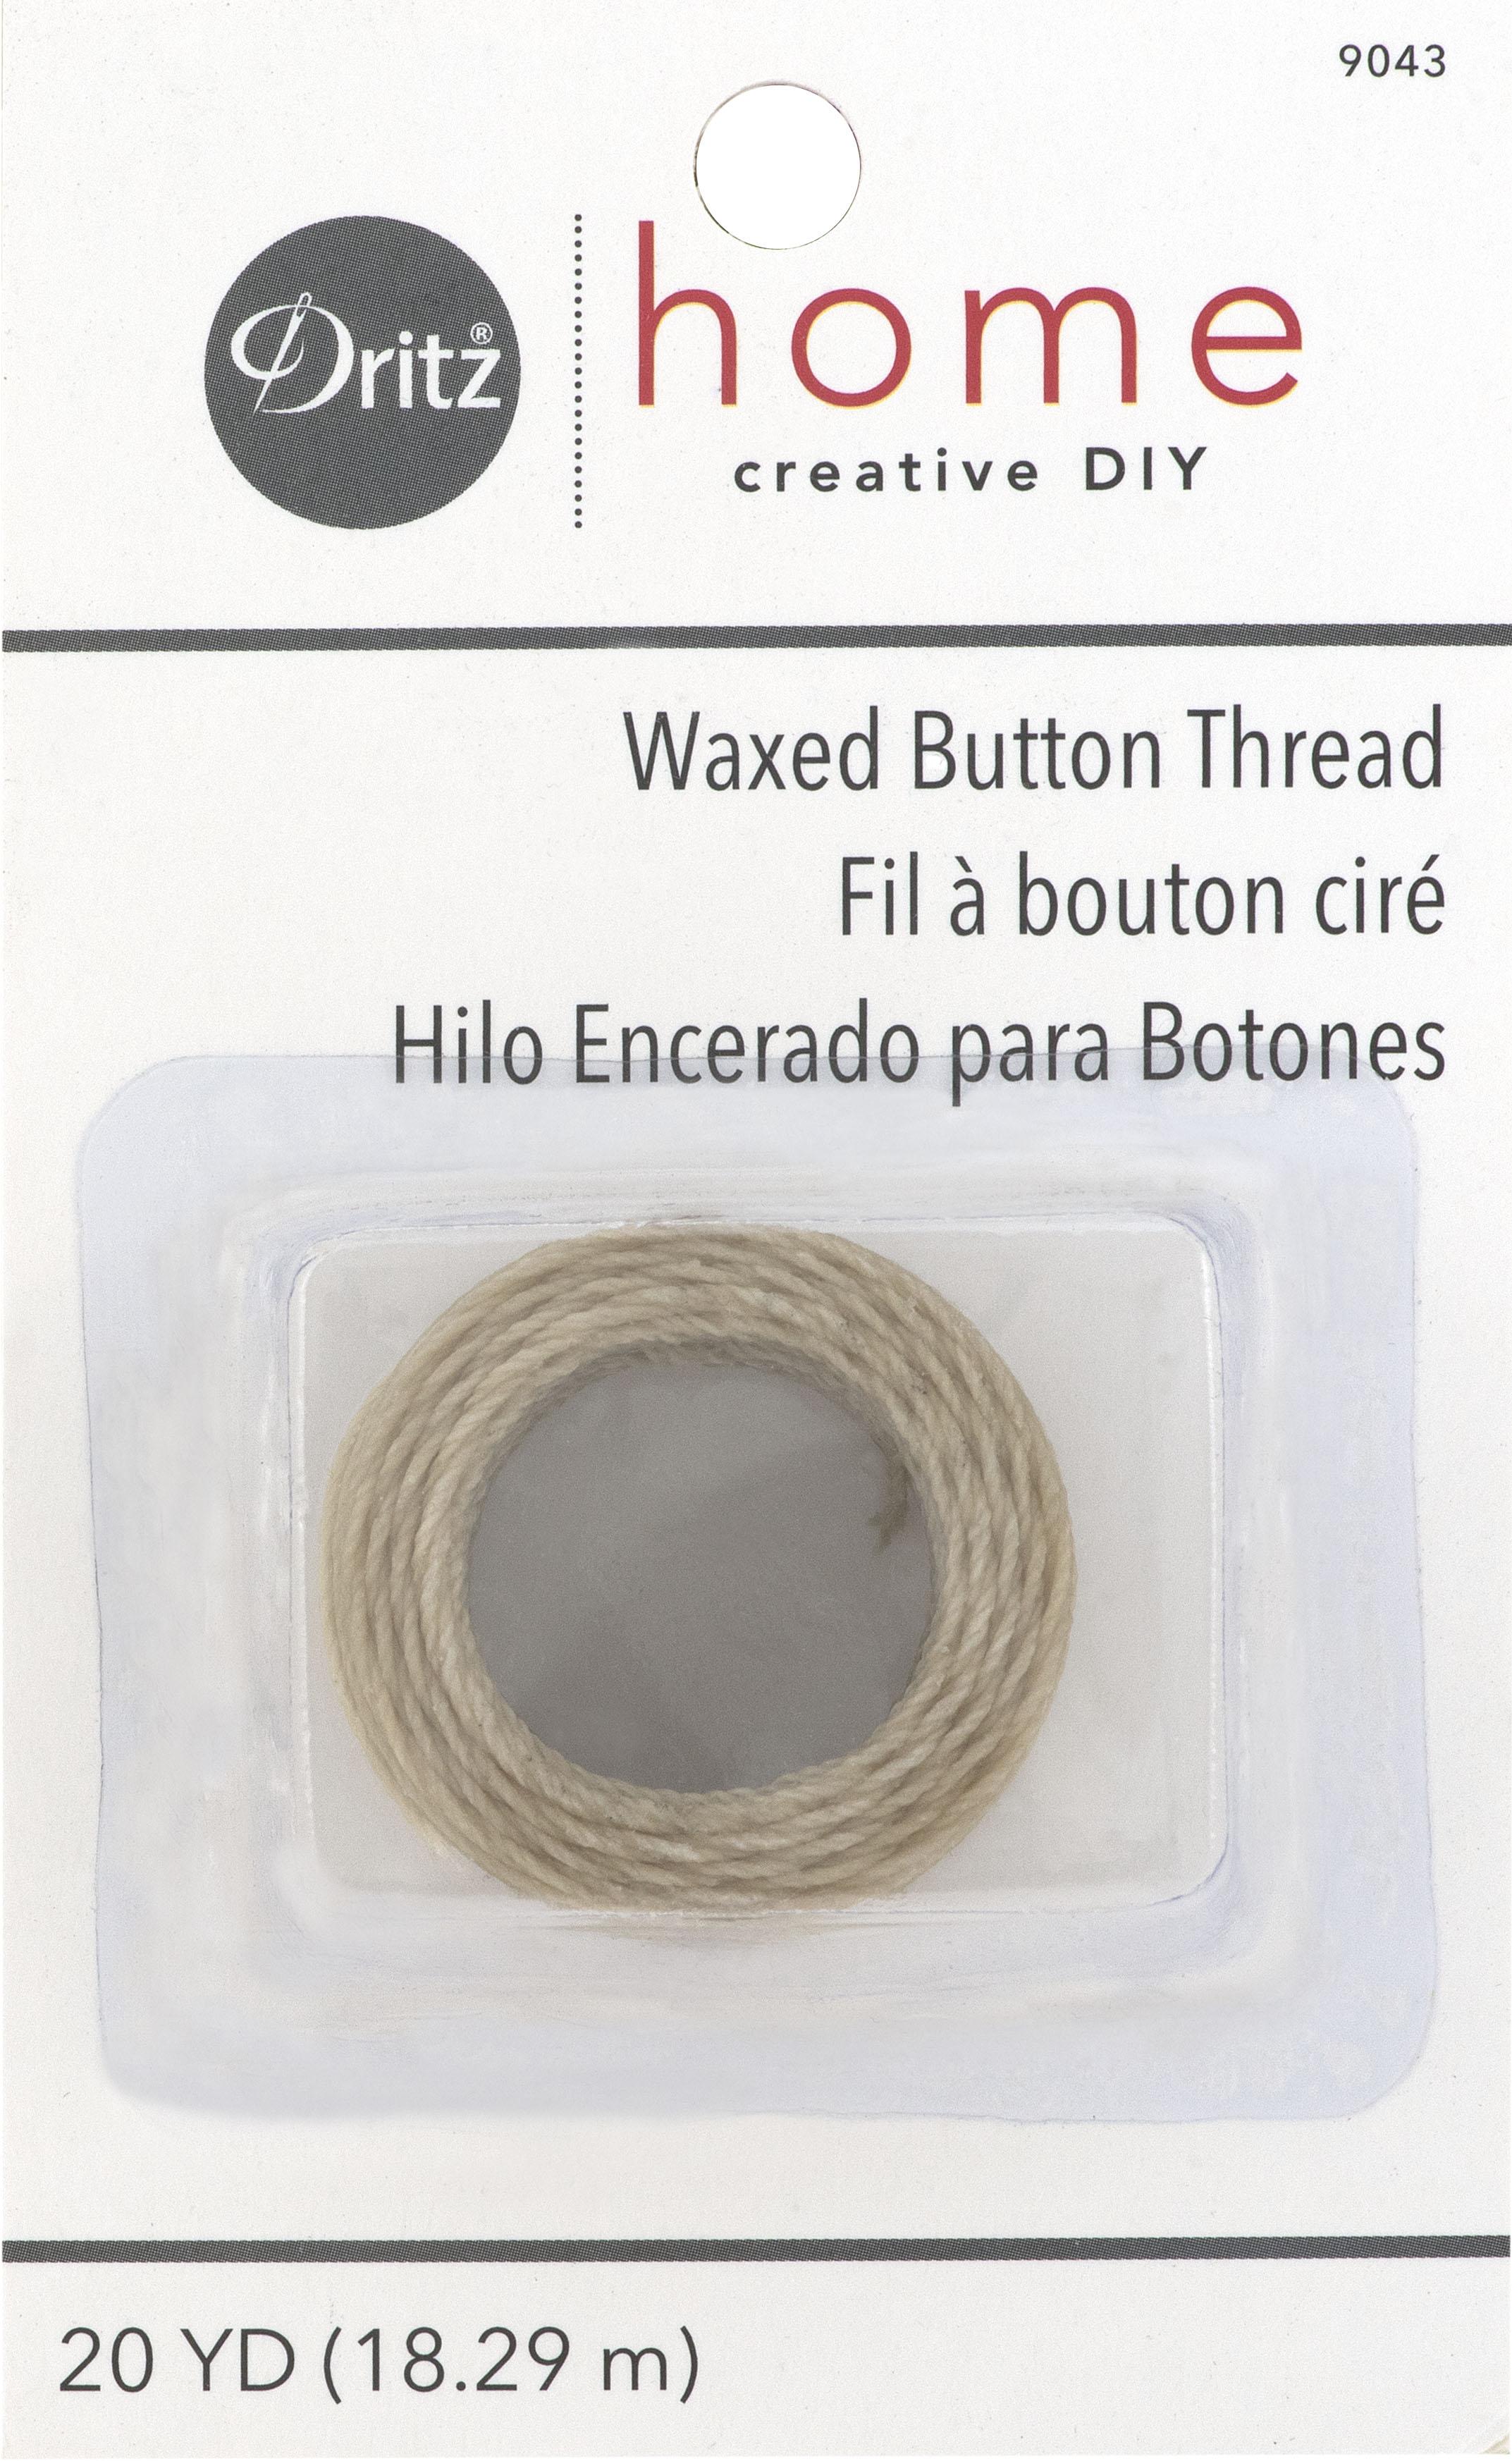 Dritz Waxed Button Thread Natural